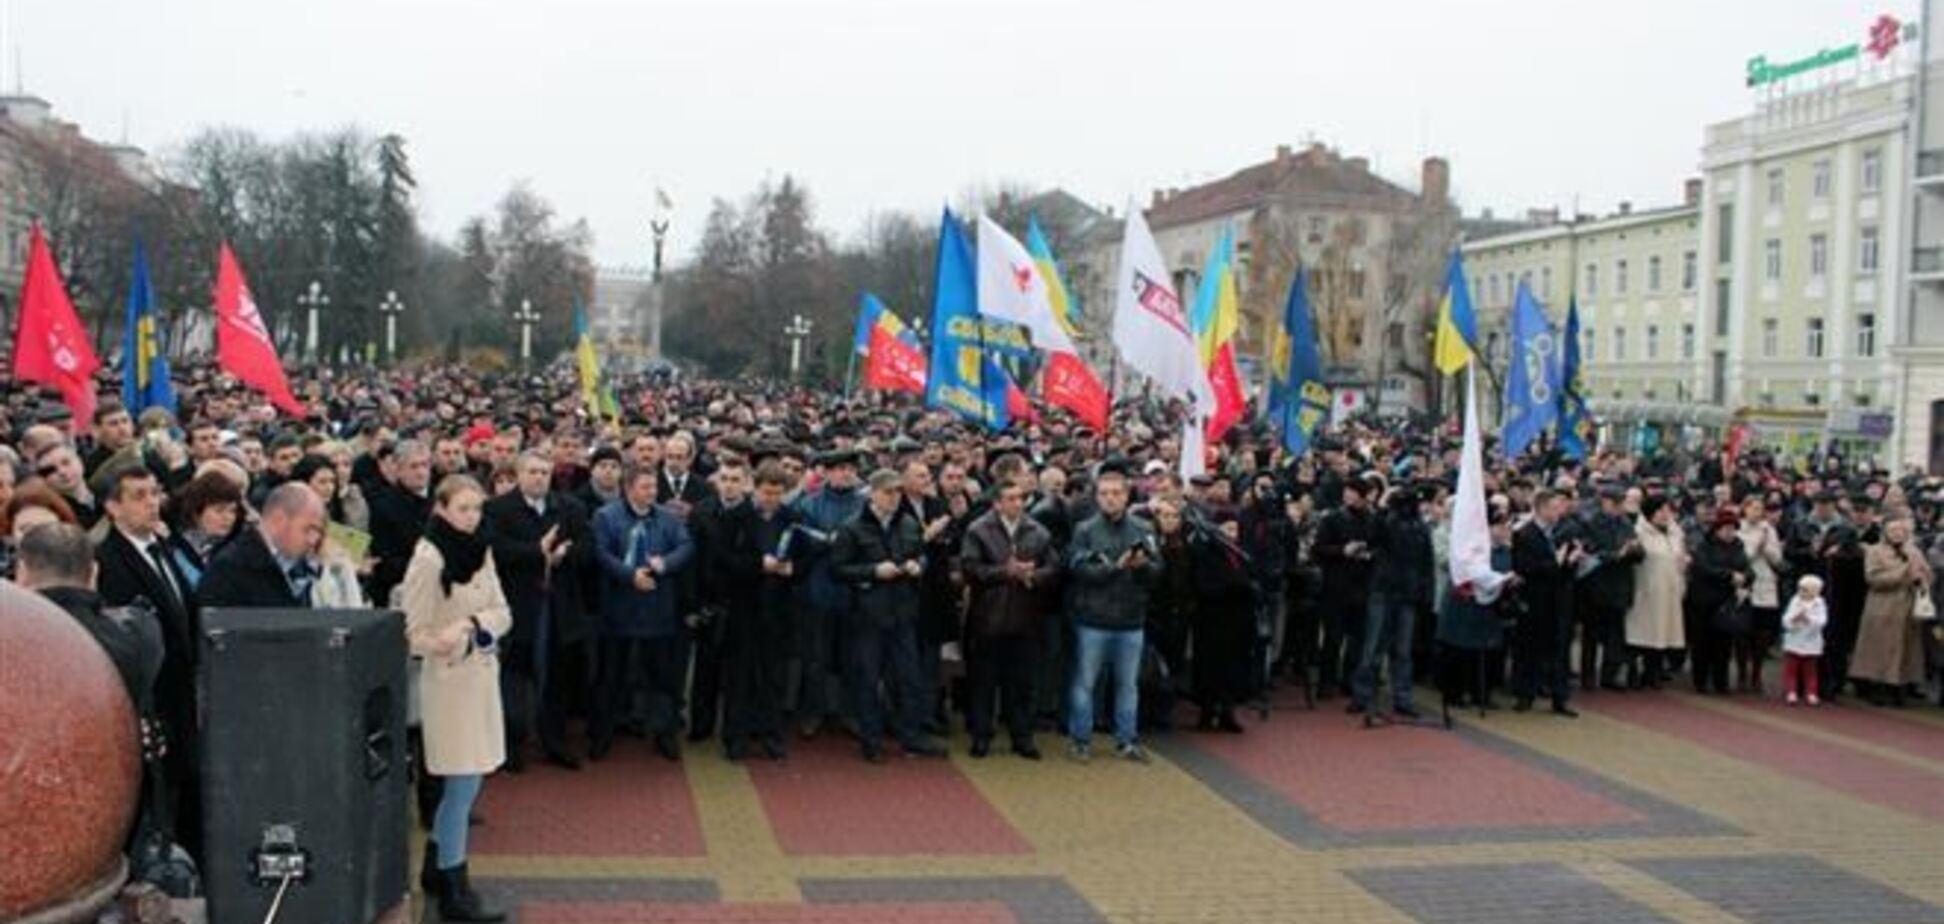 В Тернополе участники Евромайдана обратились к лидерам ЕС